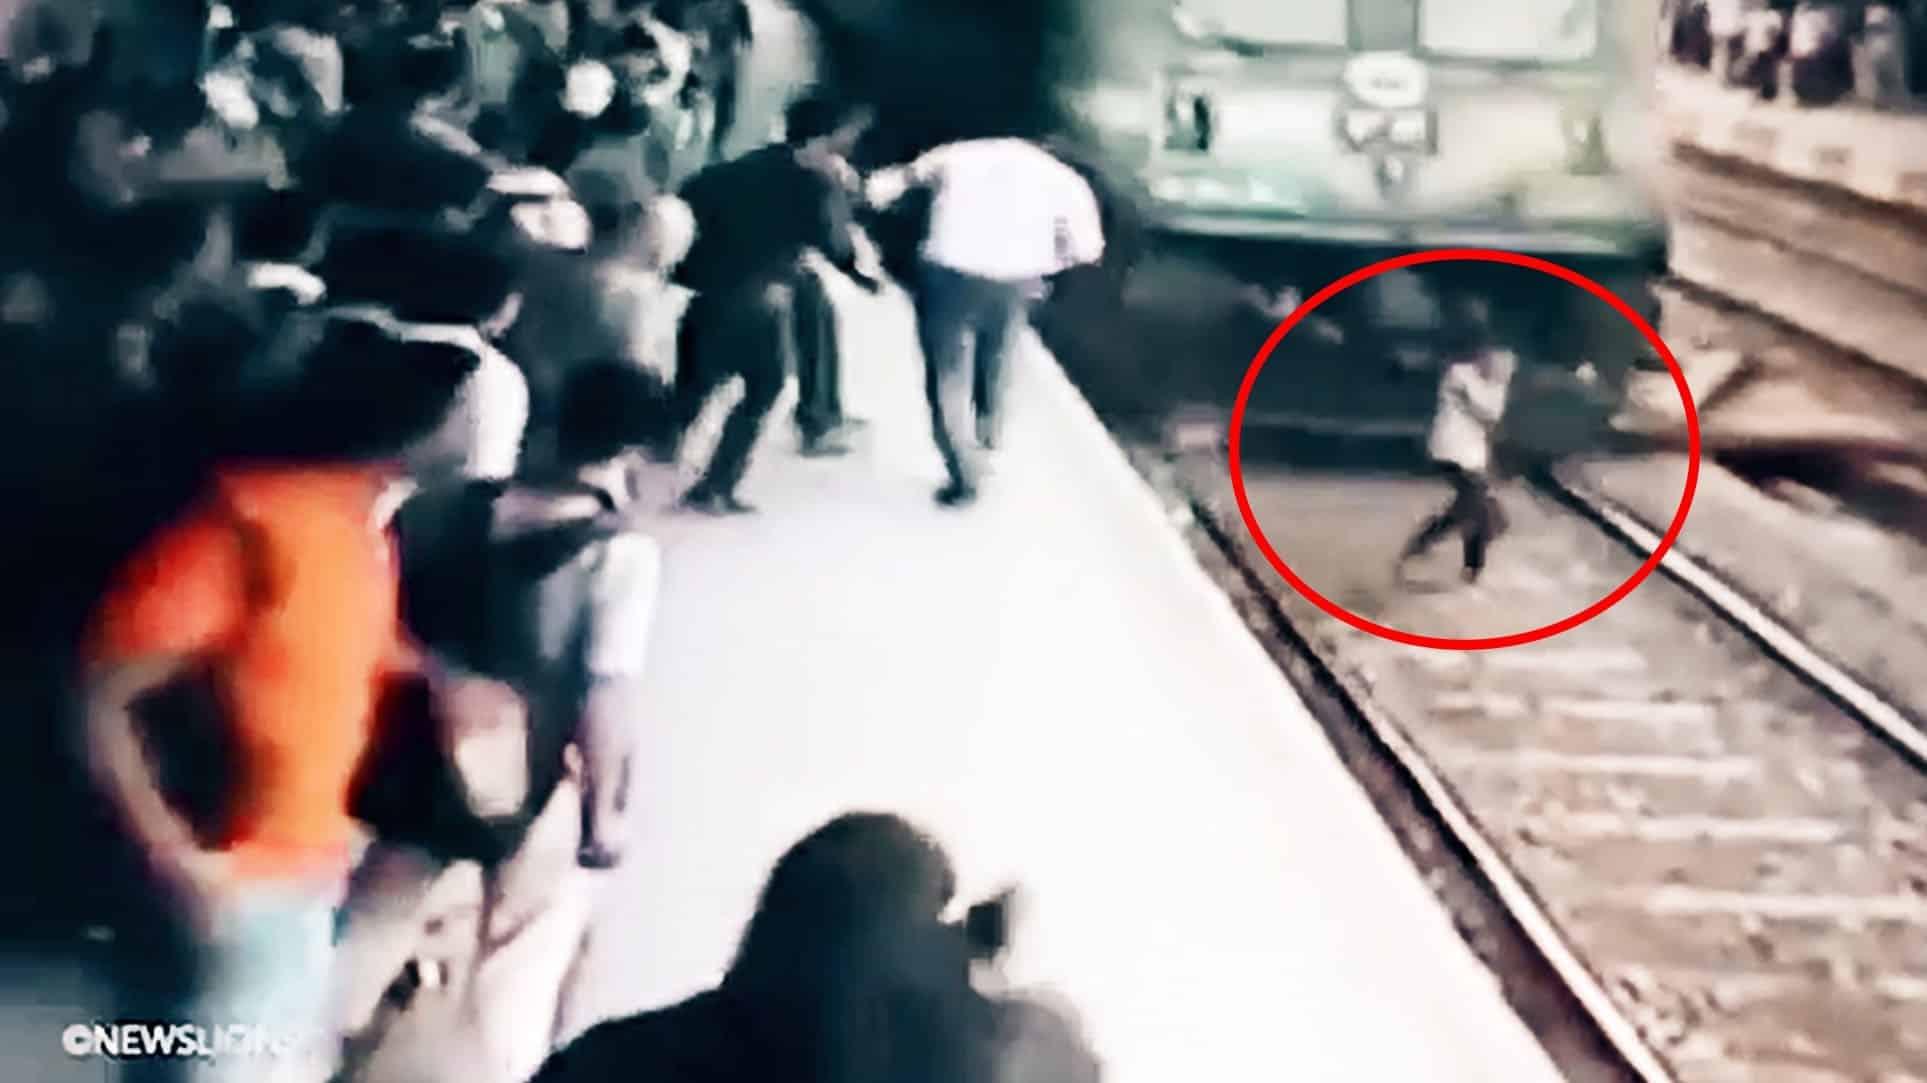 #Video Chica es arrollada por un tren mientras hablaba por teléfono y sobrevive 13